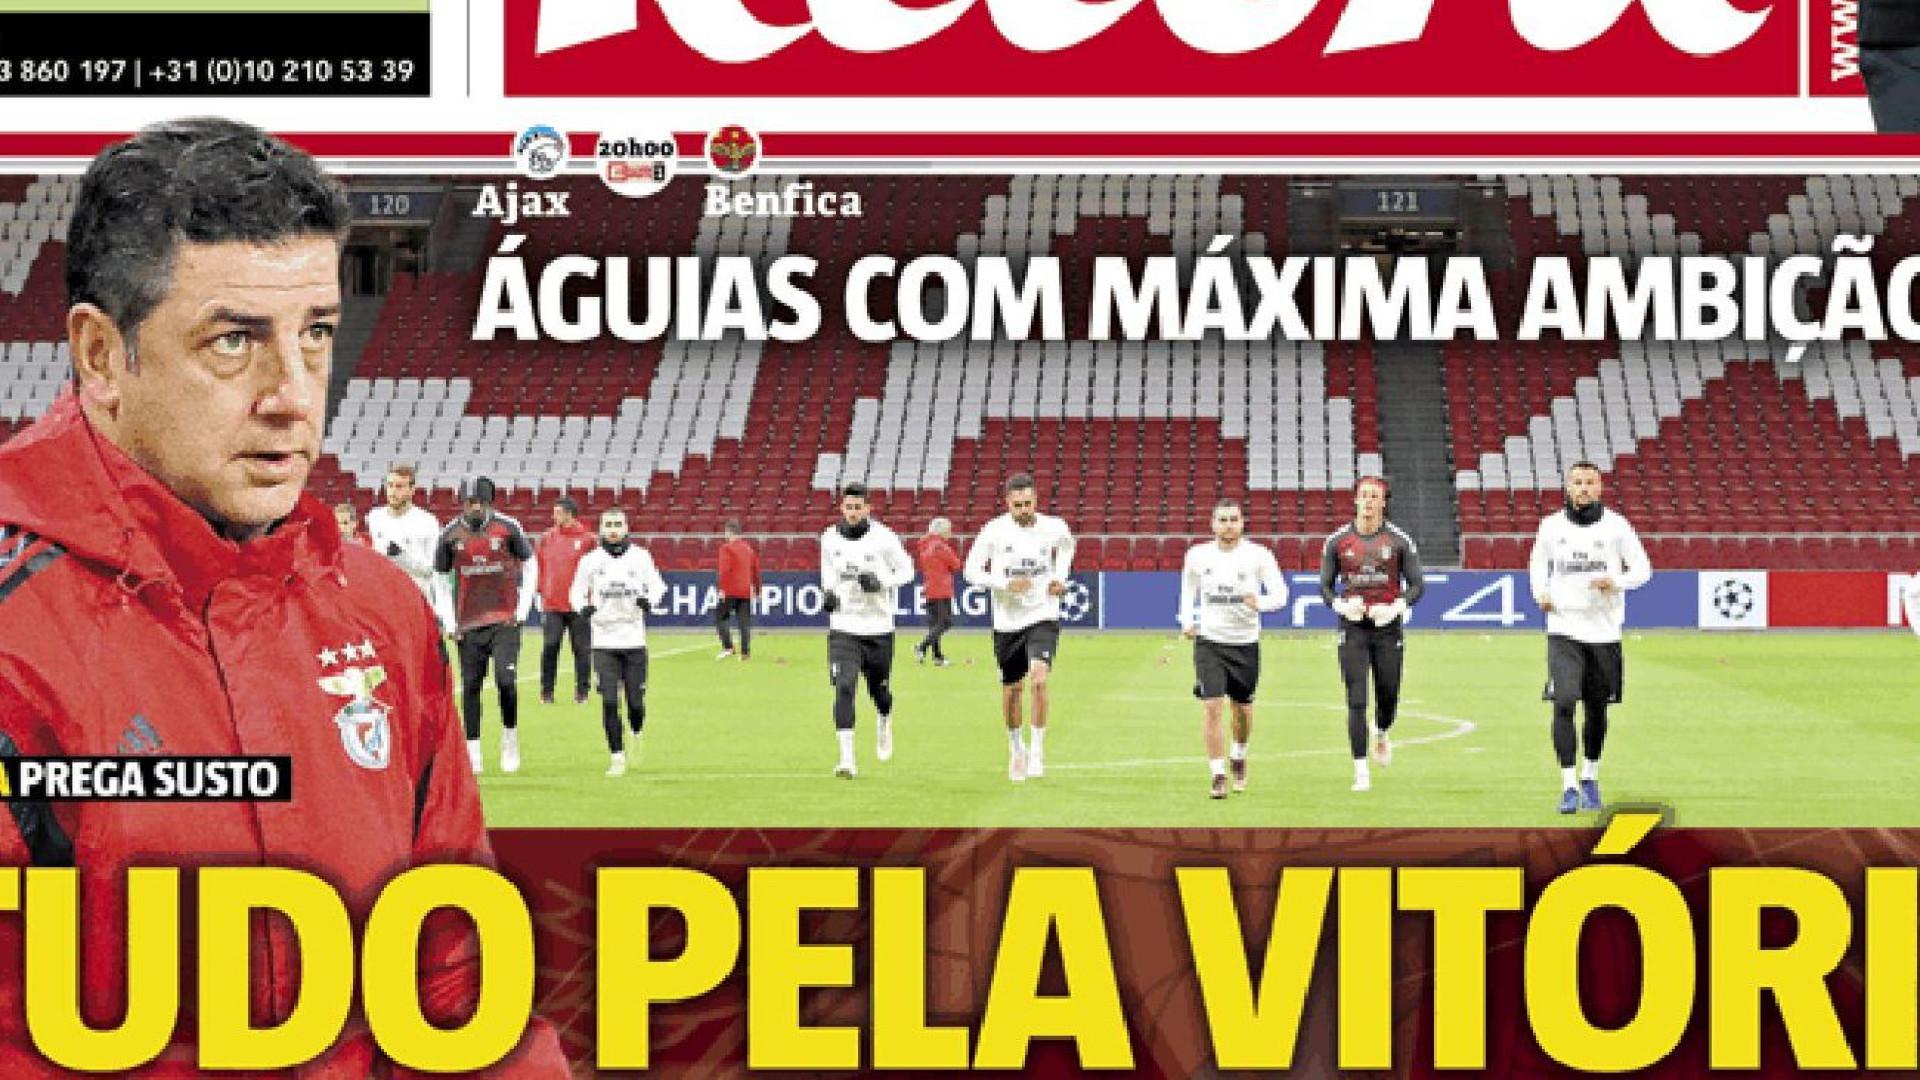 Cá dentro  Benfica joga o futuro europeu em nome do passado 78f557be4f1b2